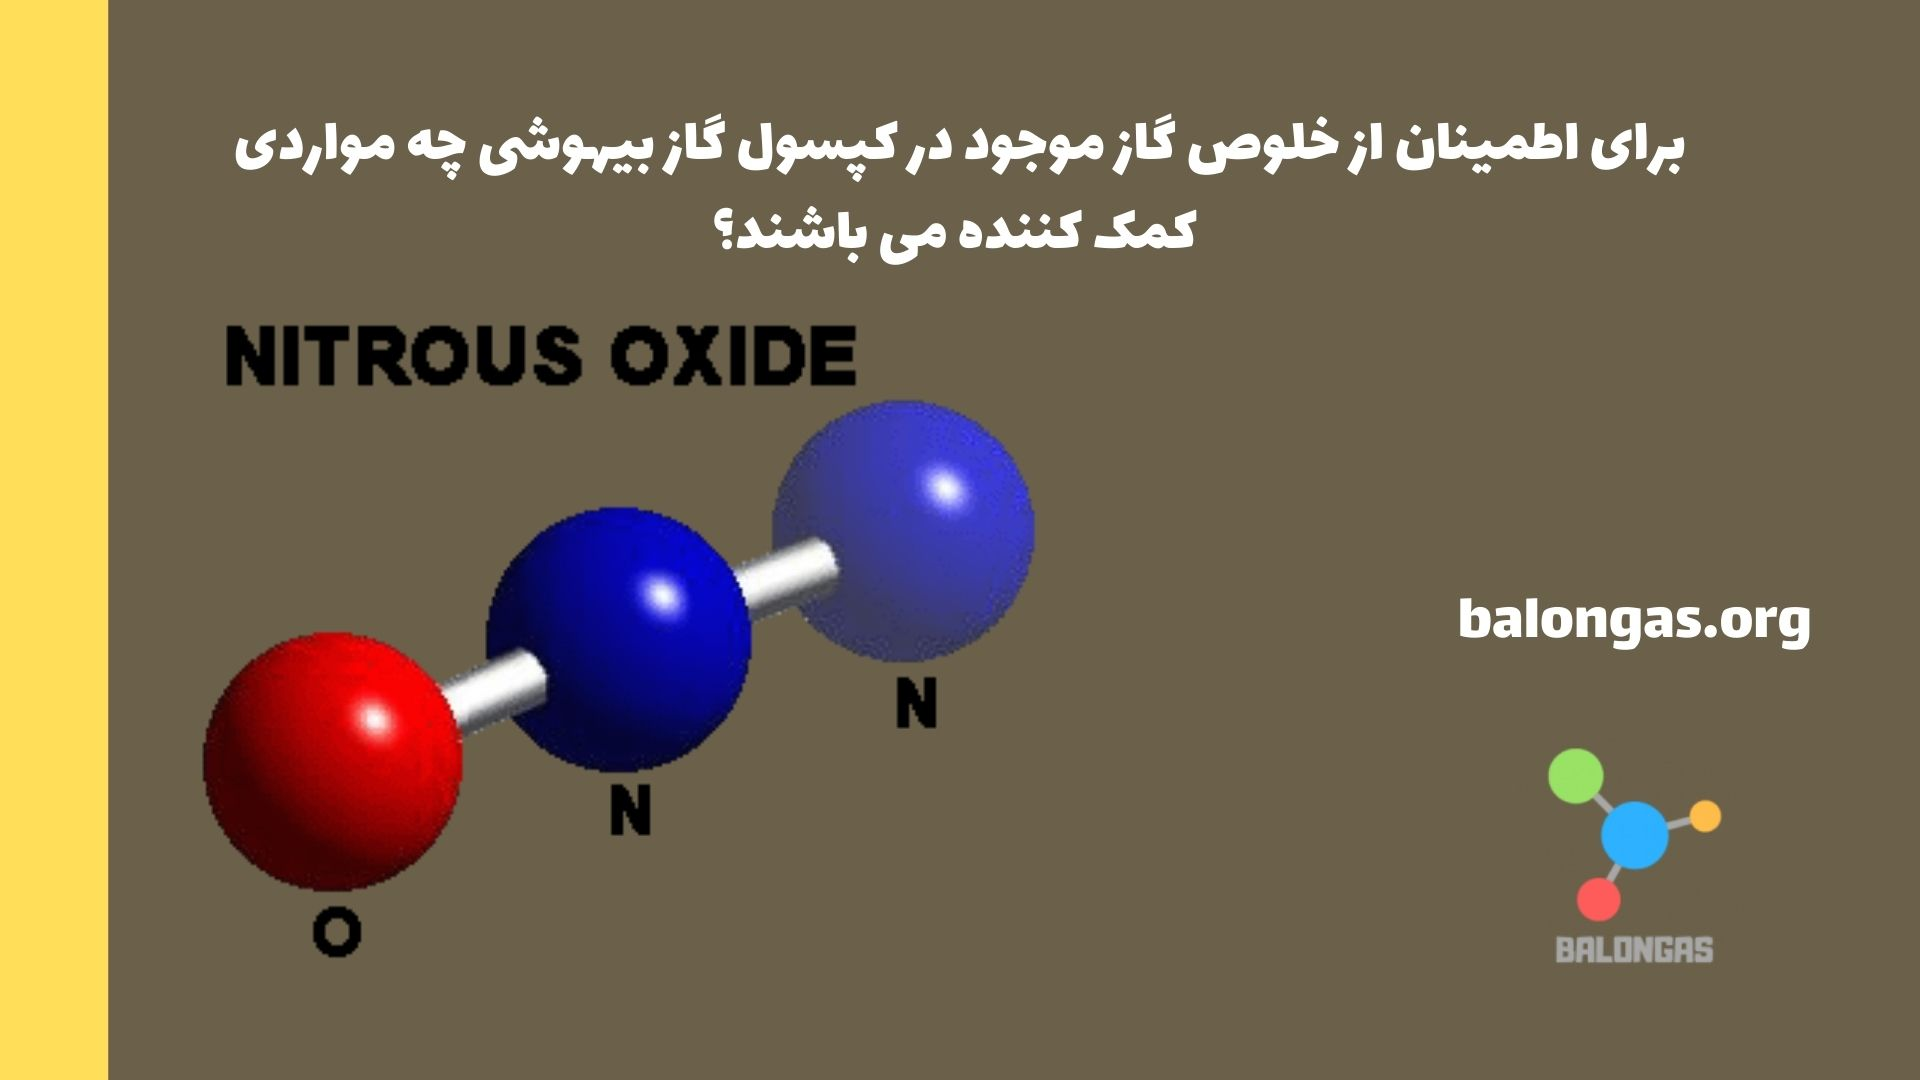 برای اطمینان از خلوص گاز موجود در کپسول گاز بیهوشی چه مواردی کمک کننده می باشند؟